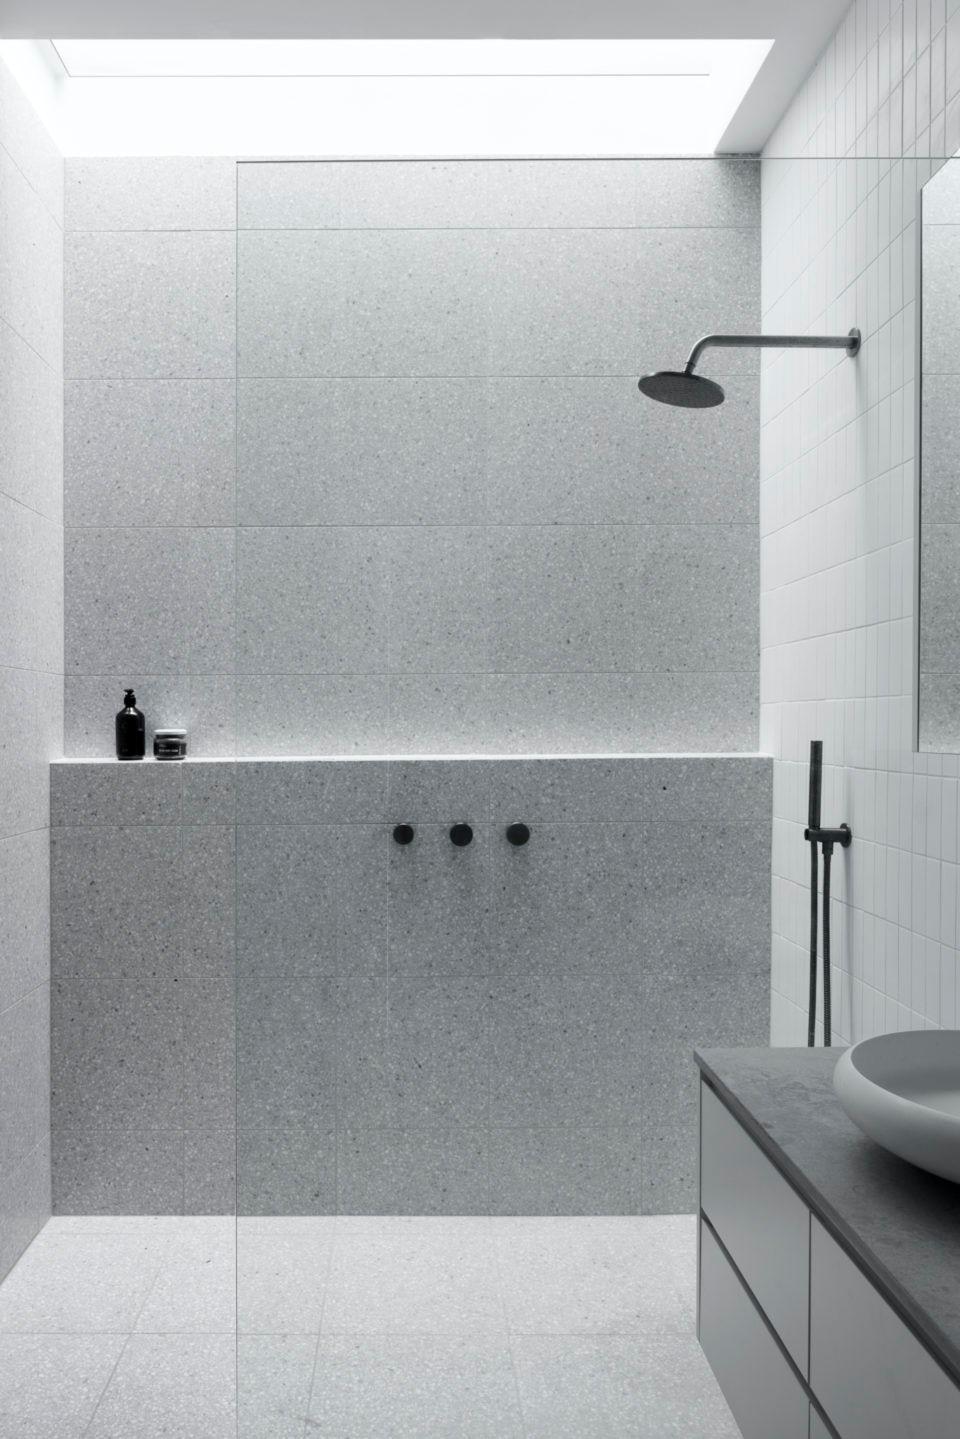 Babysocken Stricken Kostenlose Anleitung Caros Fummeley Minimalist Bathroom Design Bathroom Design Luxury Modern Bathroom Design